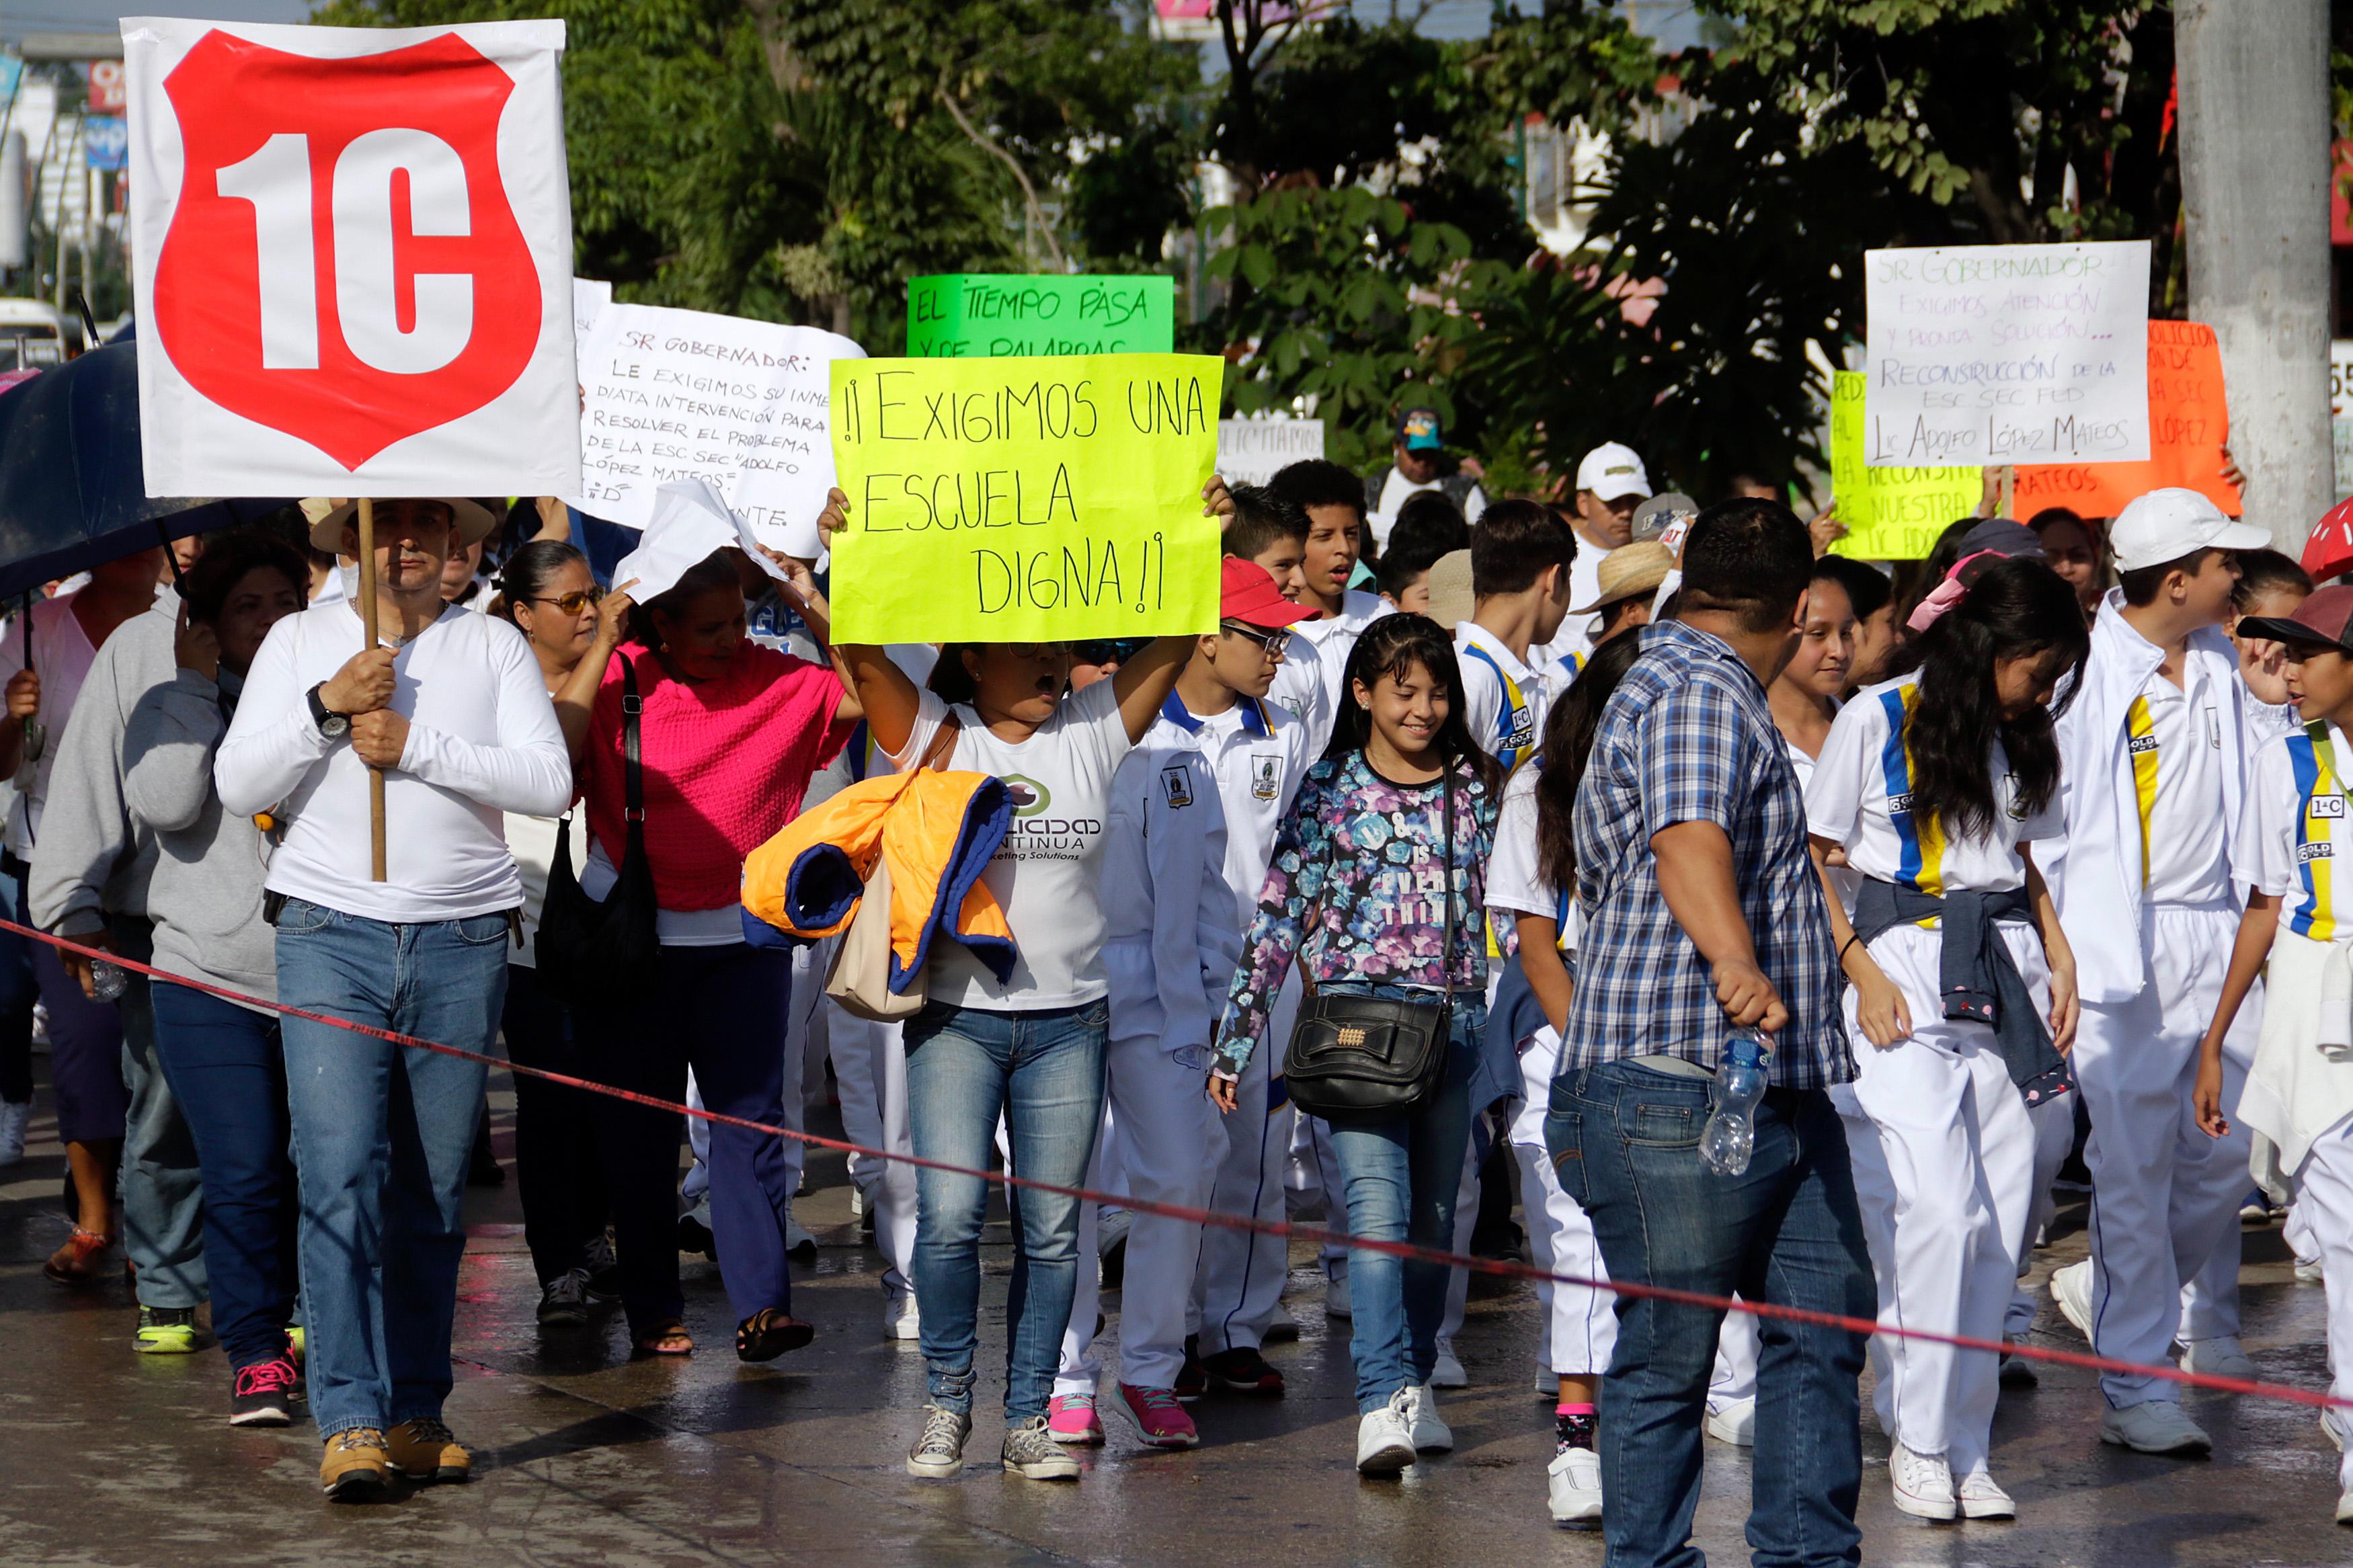 La SEP deja al garete las escuelas dañadas - El Sur de Acapulco I ...